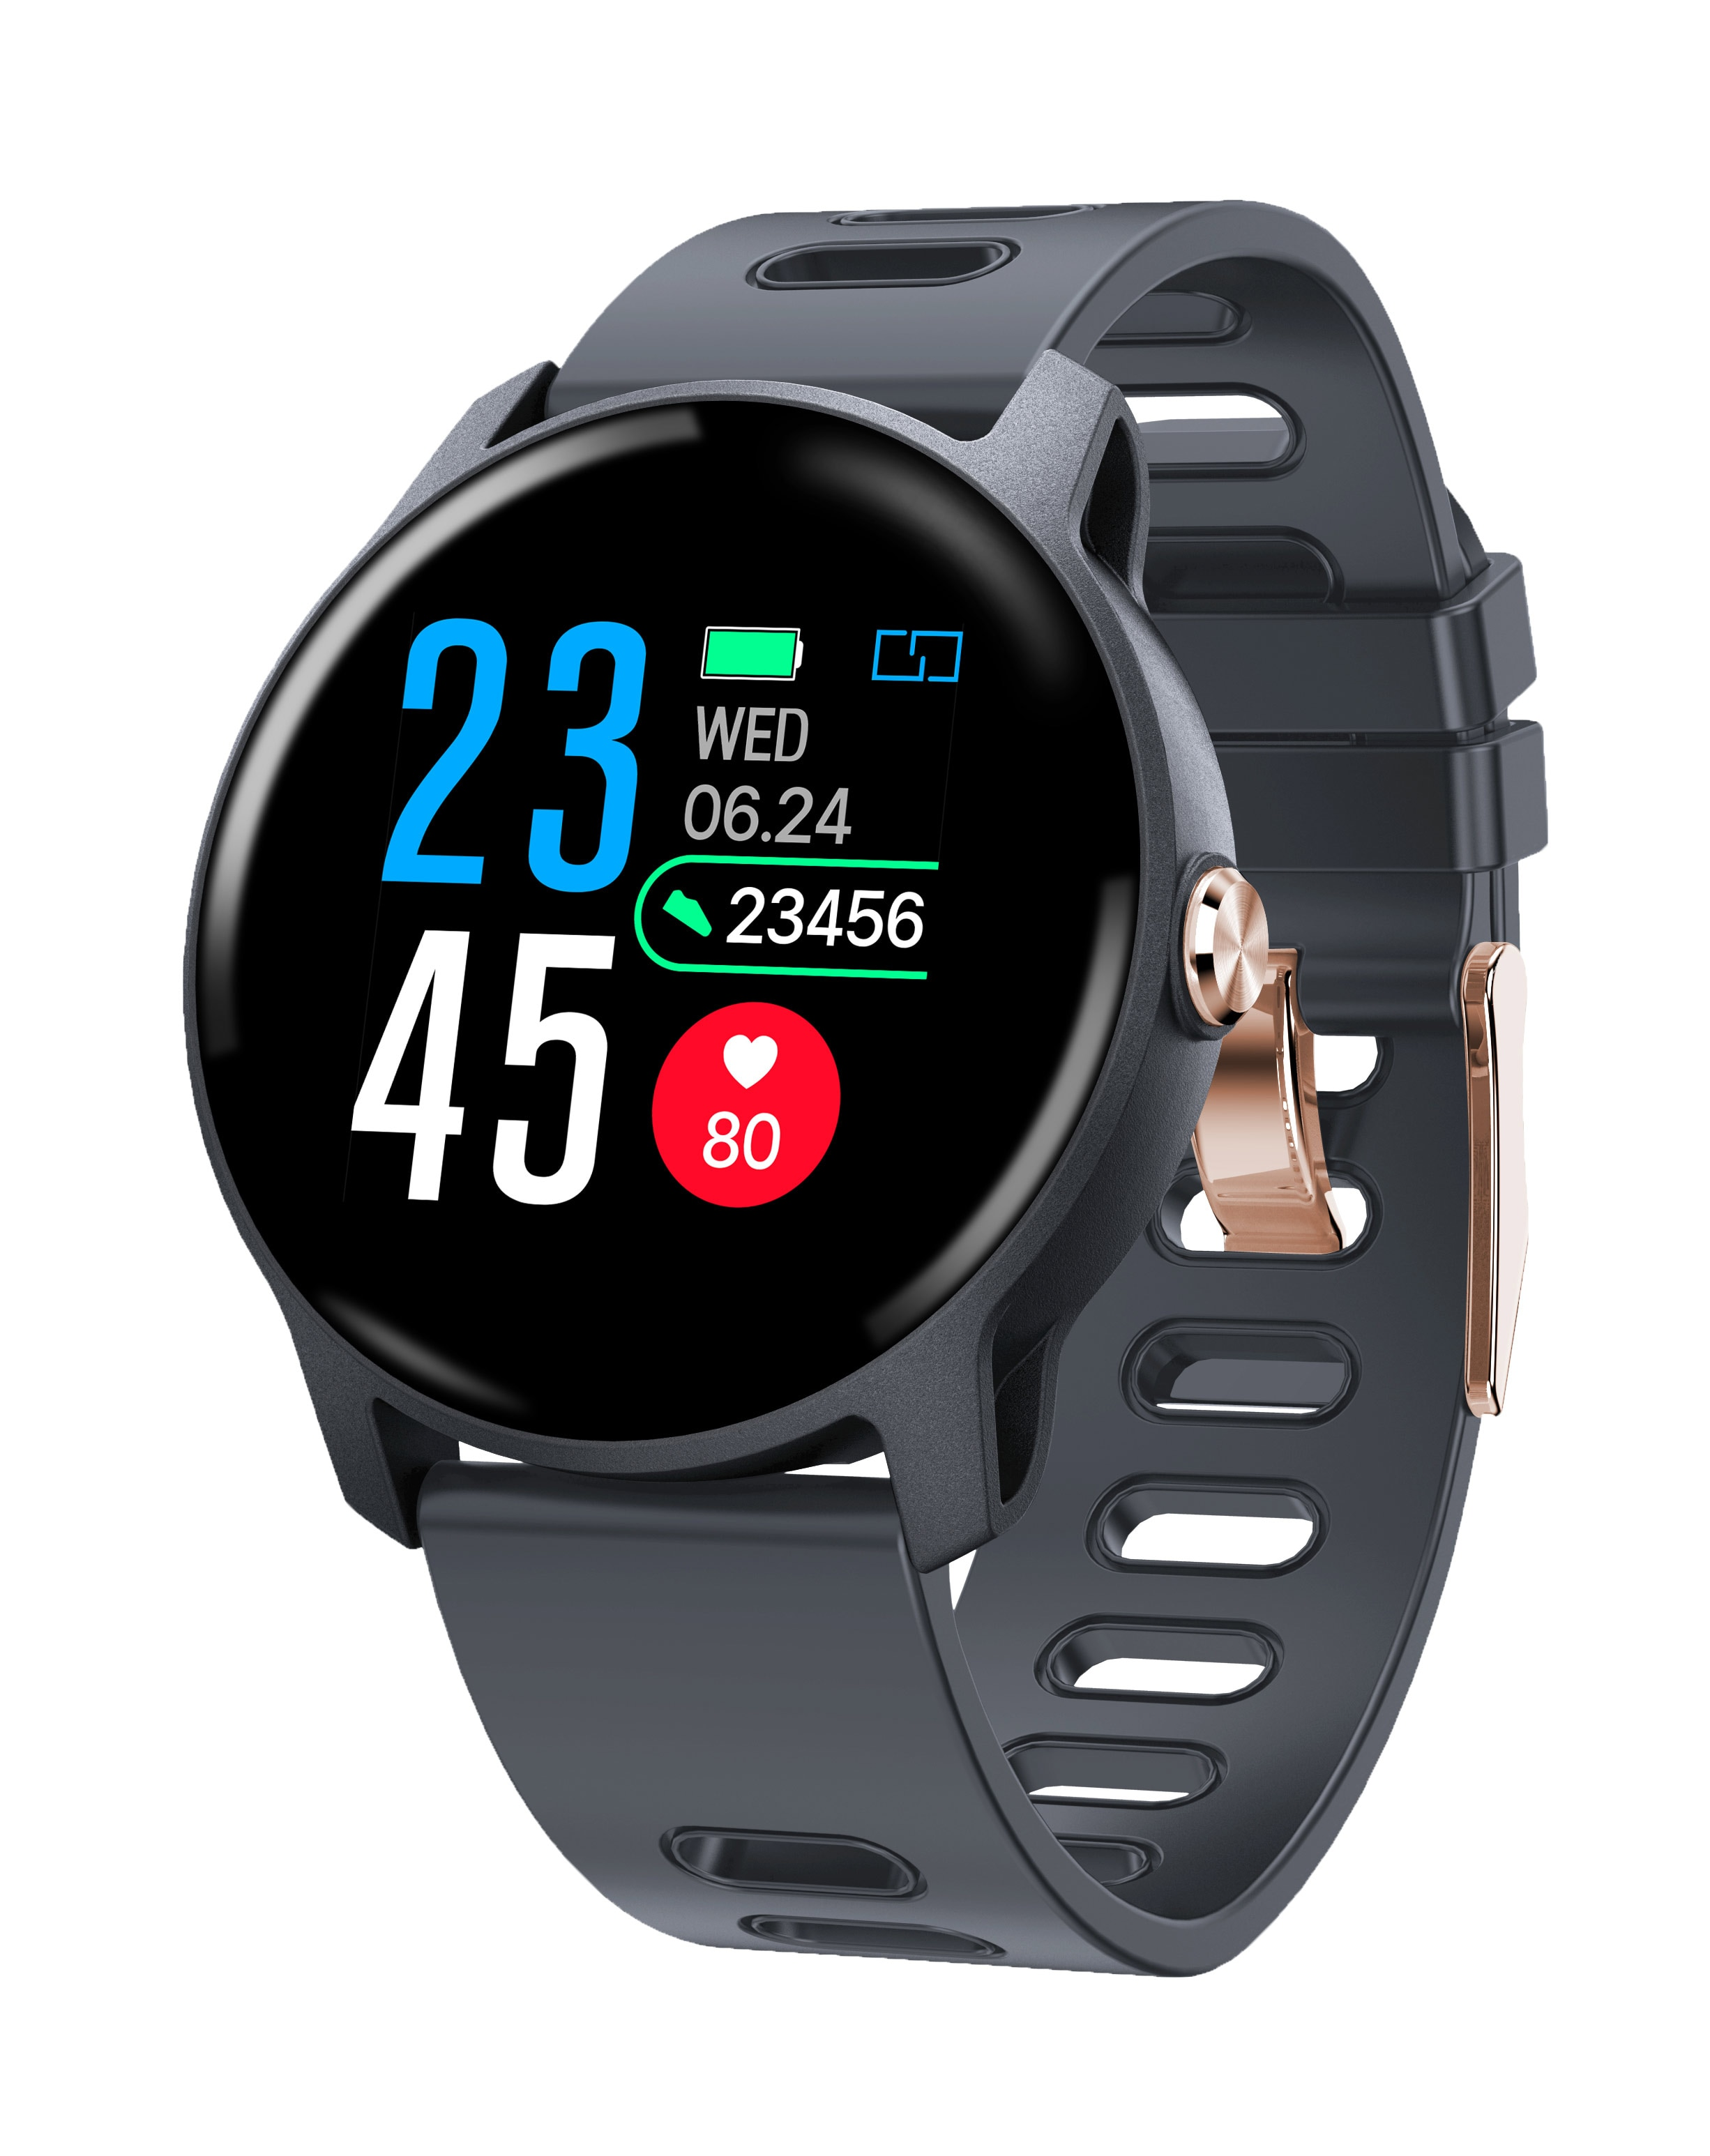 SENBONO S08 Смарт-часы Ip68 Водонепроницаемый Монитор Сердечного Ритма Смарт-часы Bluetooth умные часы фитнес-трекер